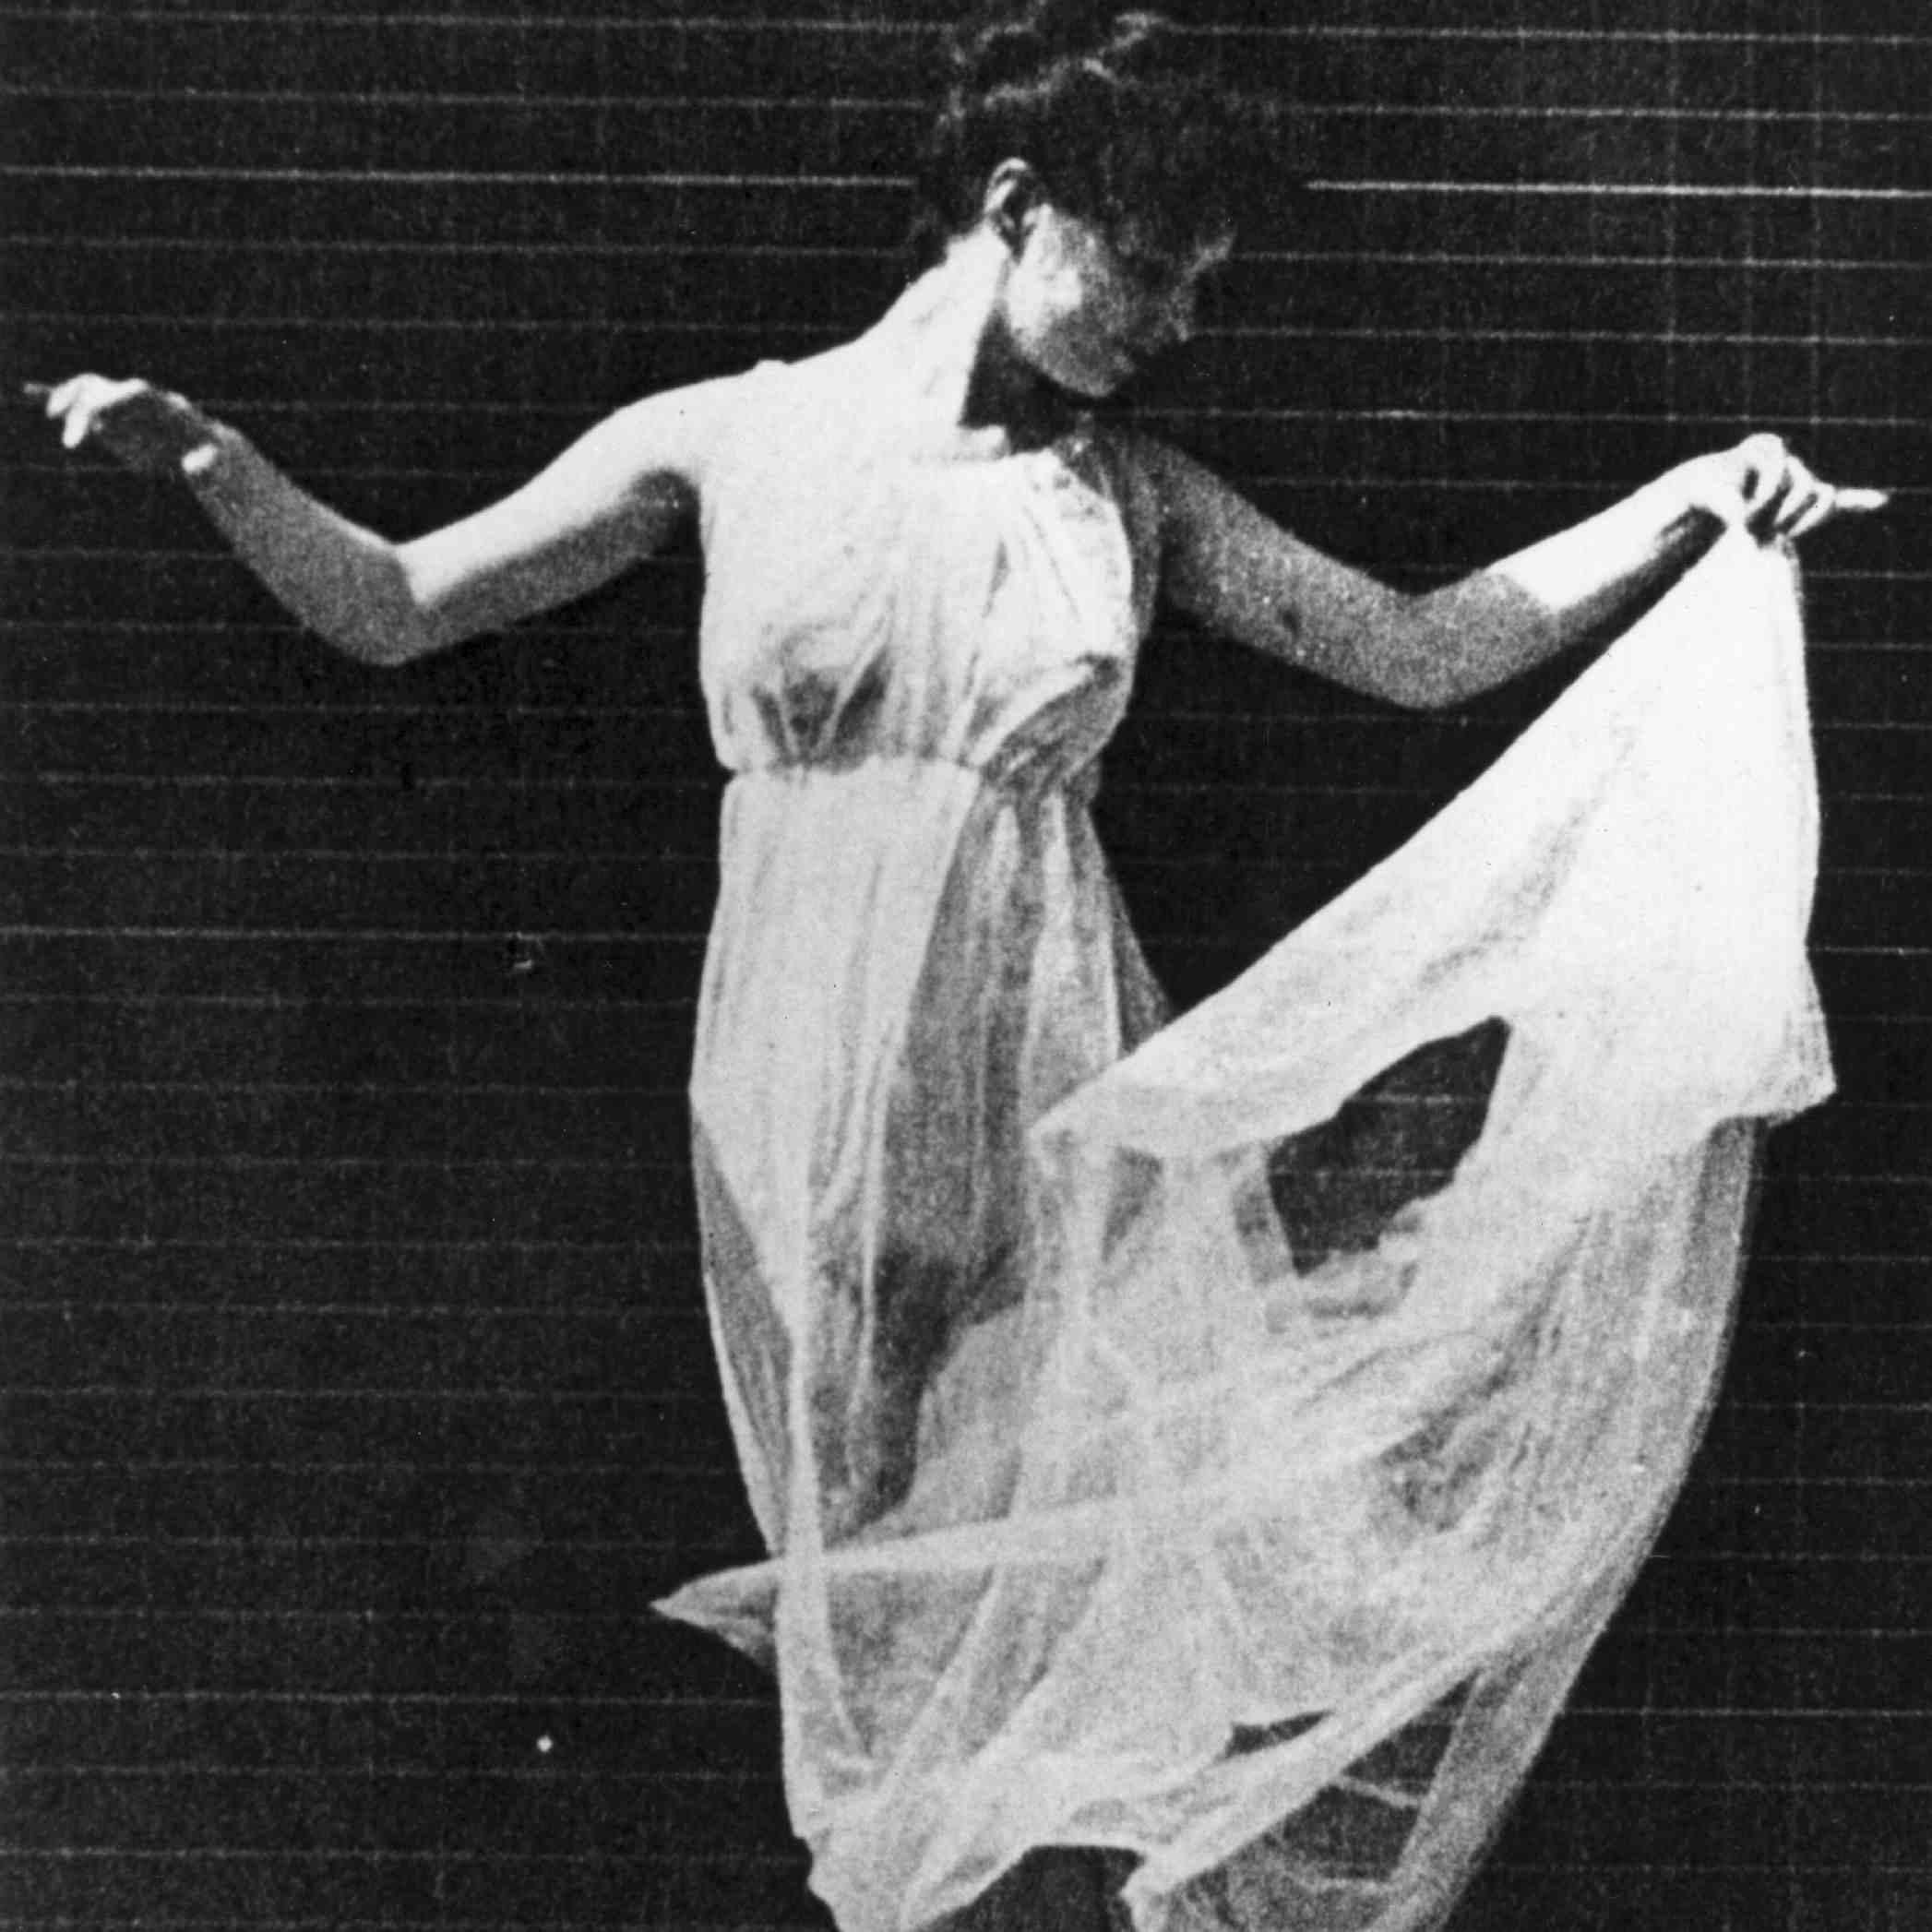 Famous dancer Isadora Duncan